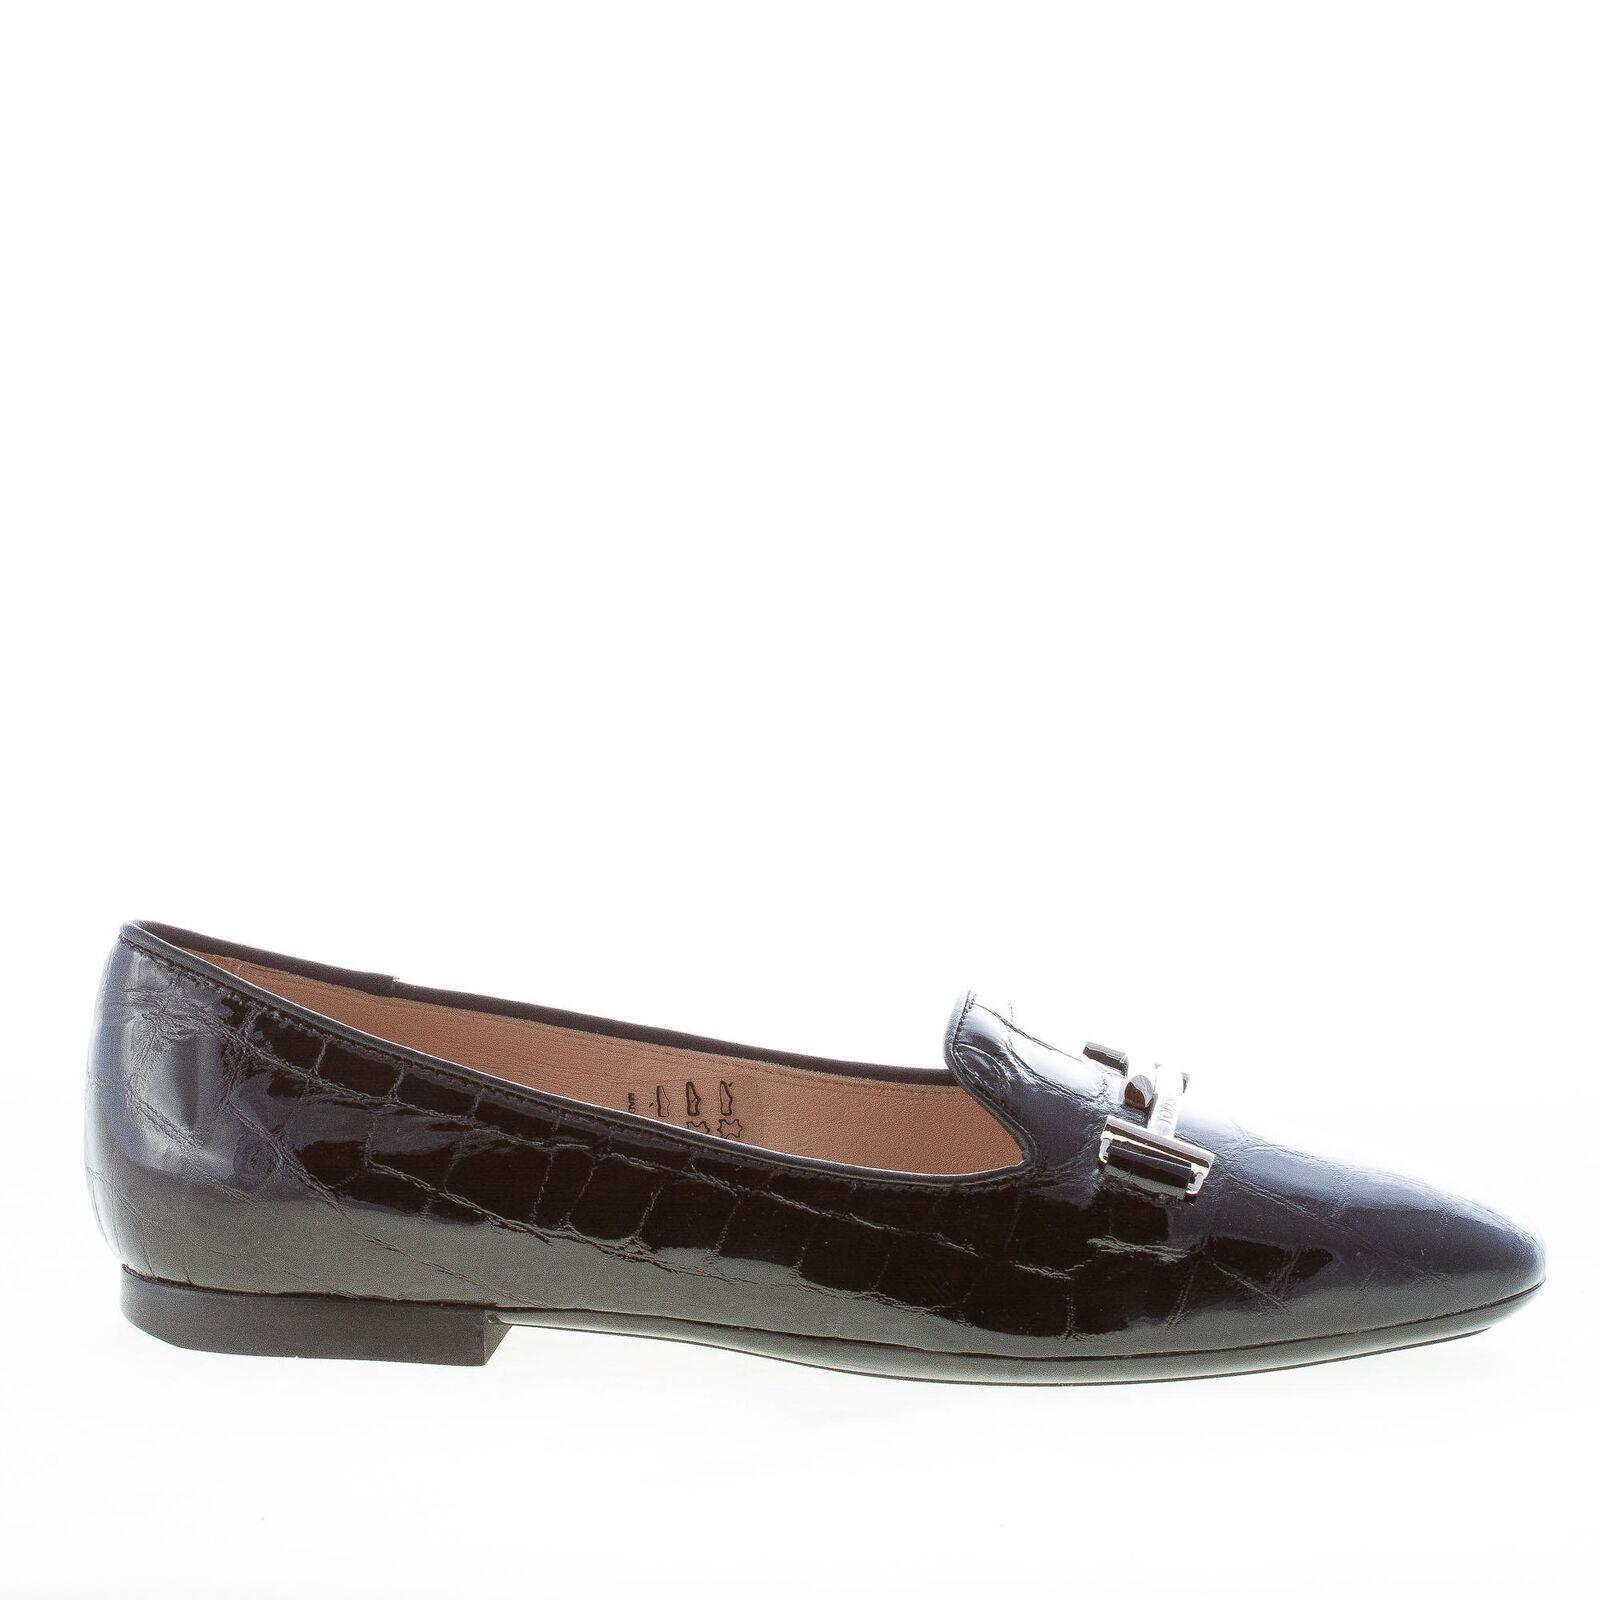 TOD'S damen schuhe black kroko print leder double T loafer XXW47A0V140FQMB999